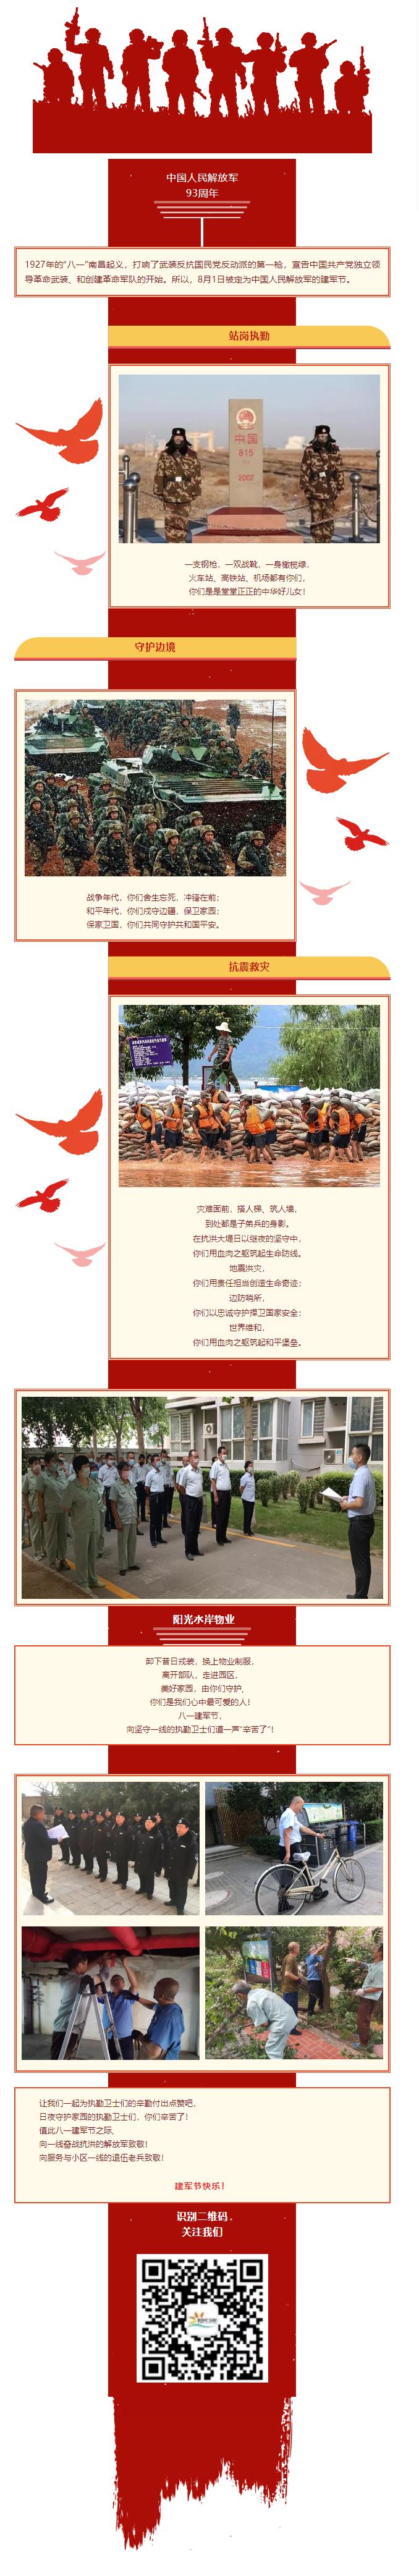 建军节 _ 中国人民解放军93周年快乐,不忘初心砥砺前行!.png